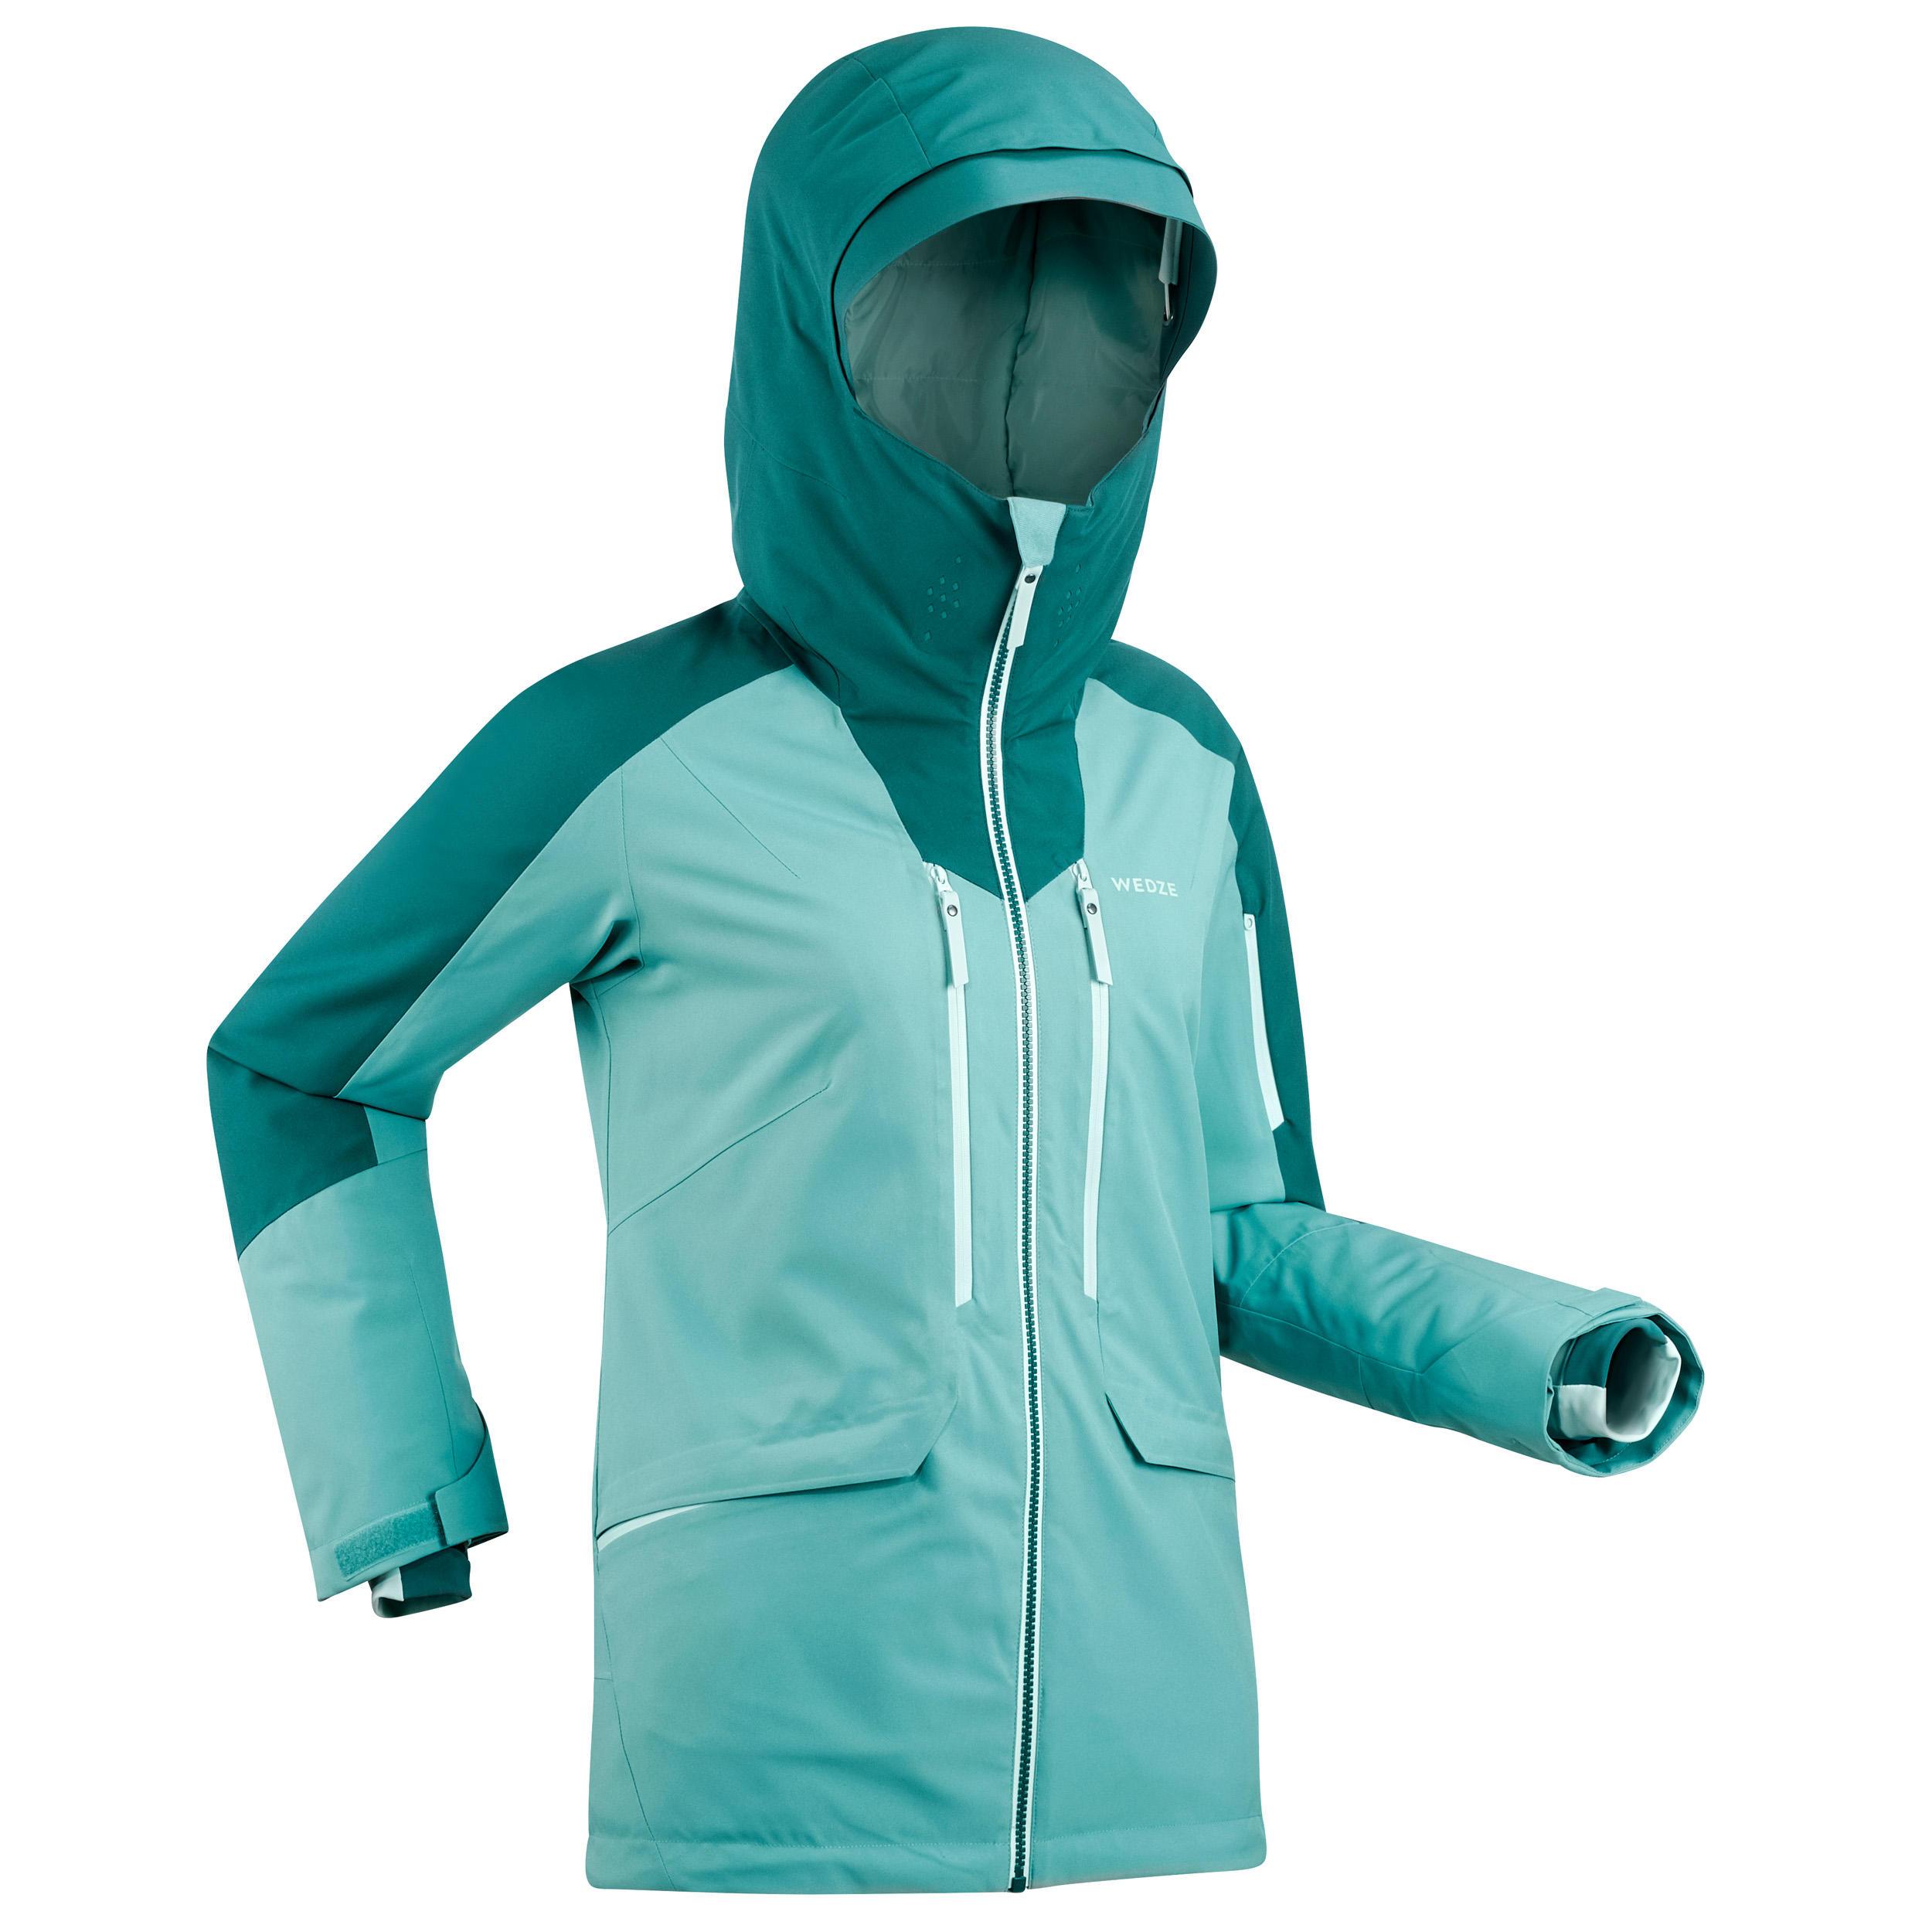 Veste de ski Freeride femme JKT SKI FR500 F Verte - Wedze